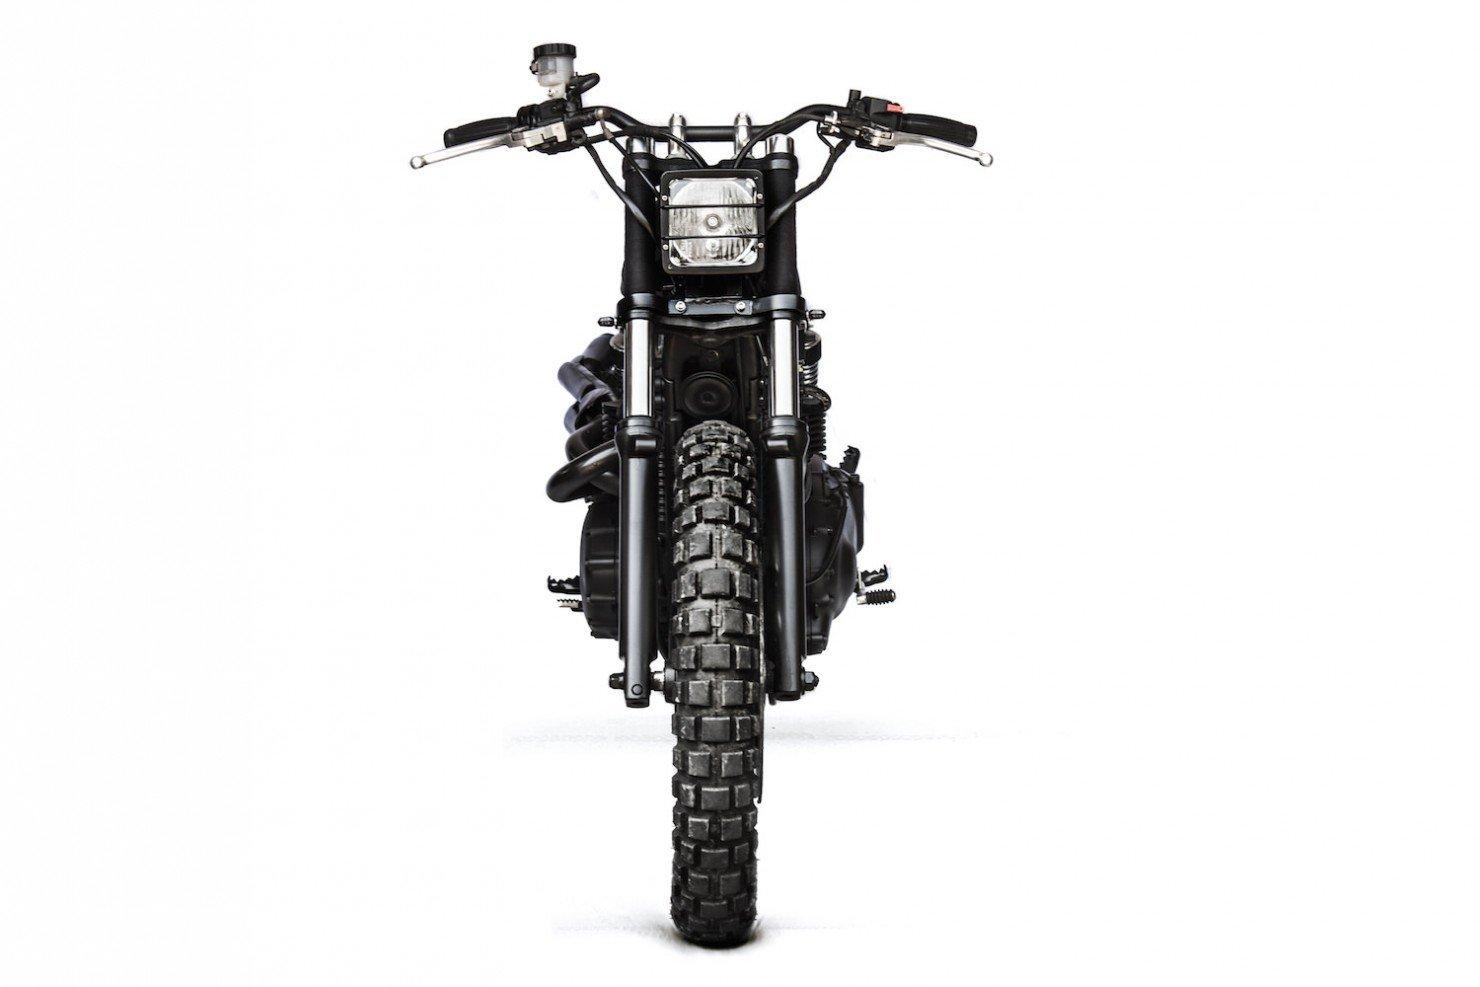 Triumph-Scrambler-Motorbike-1